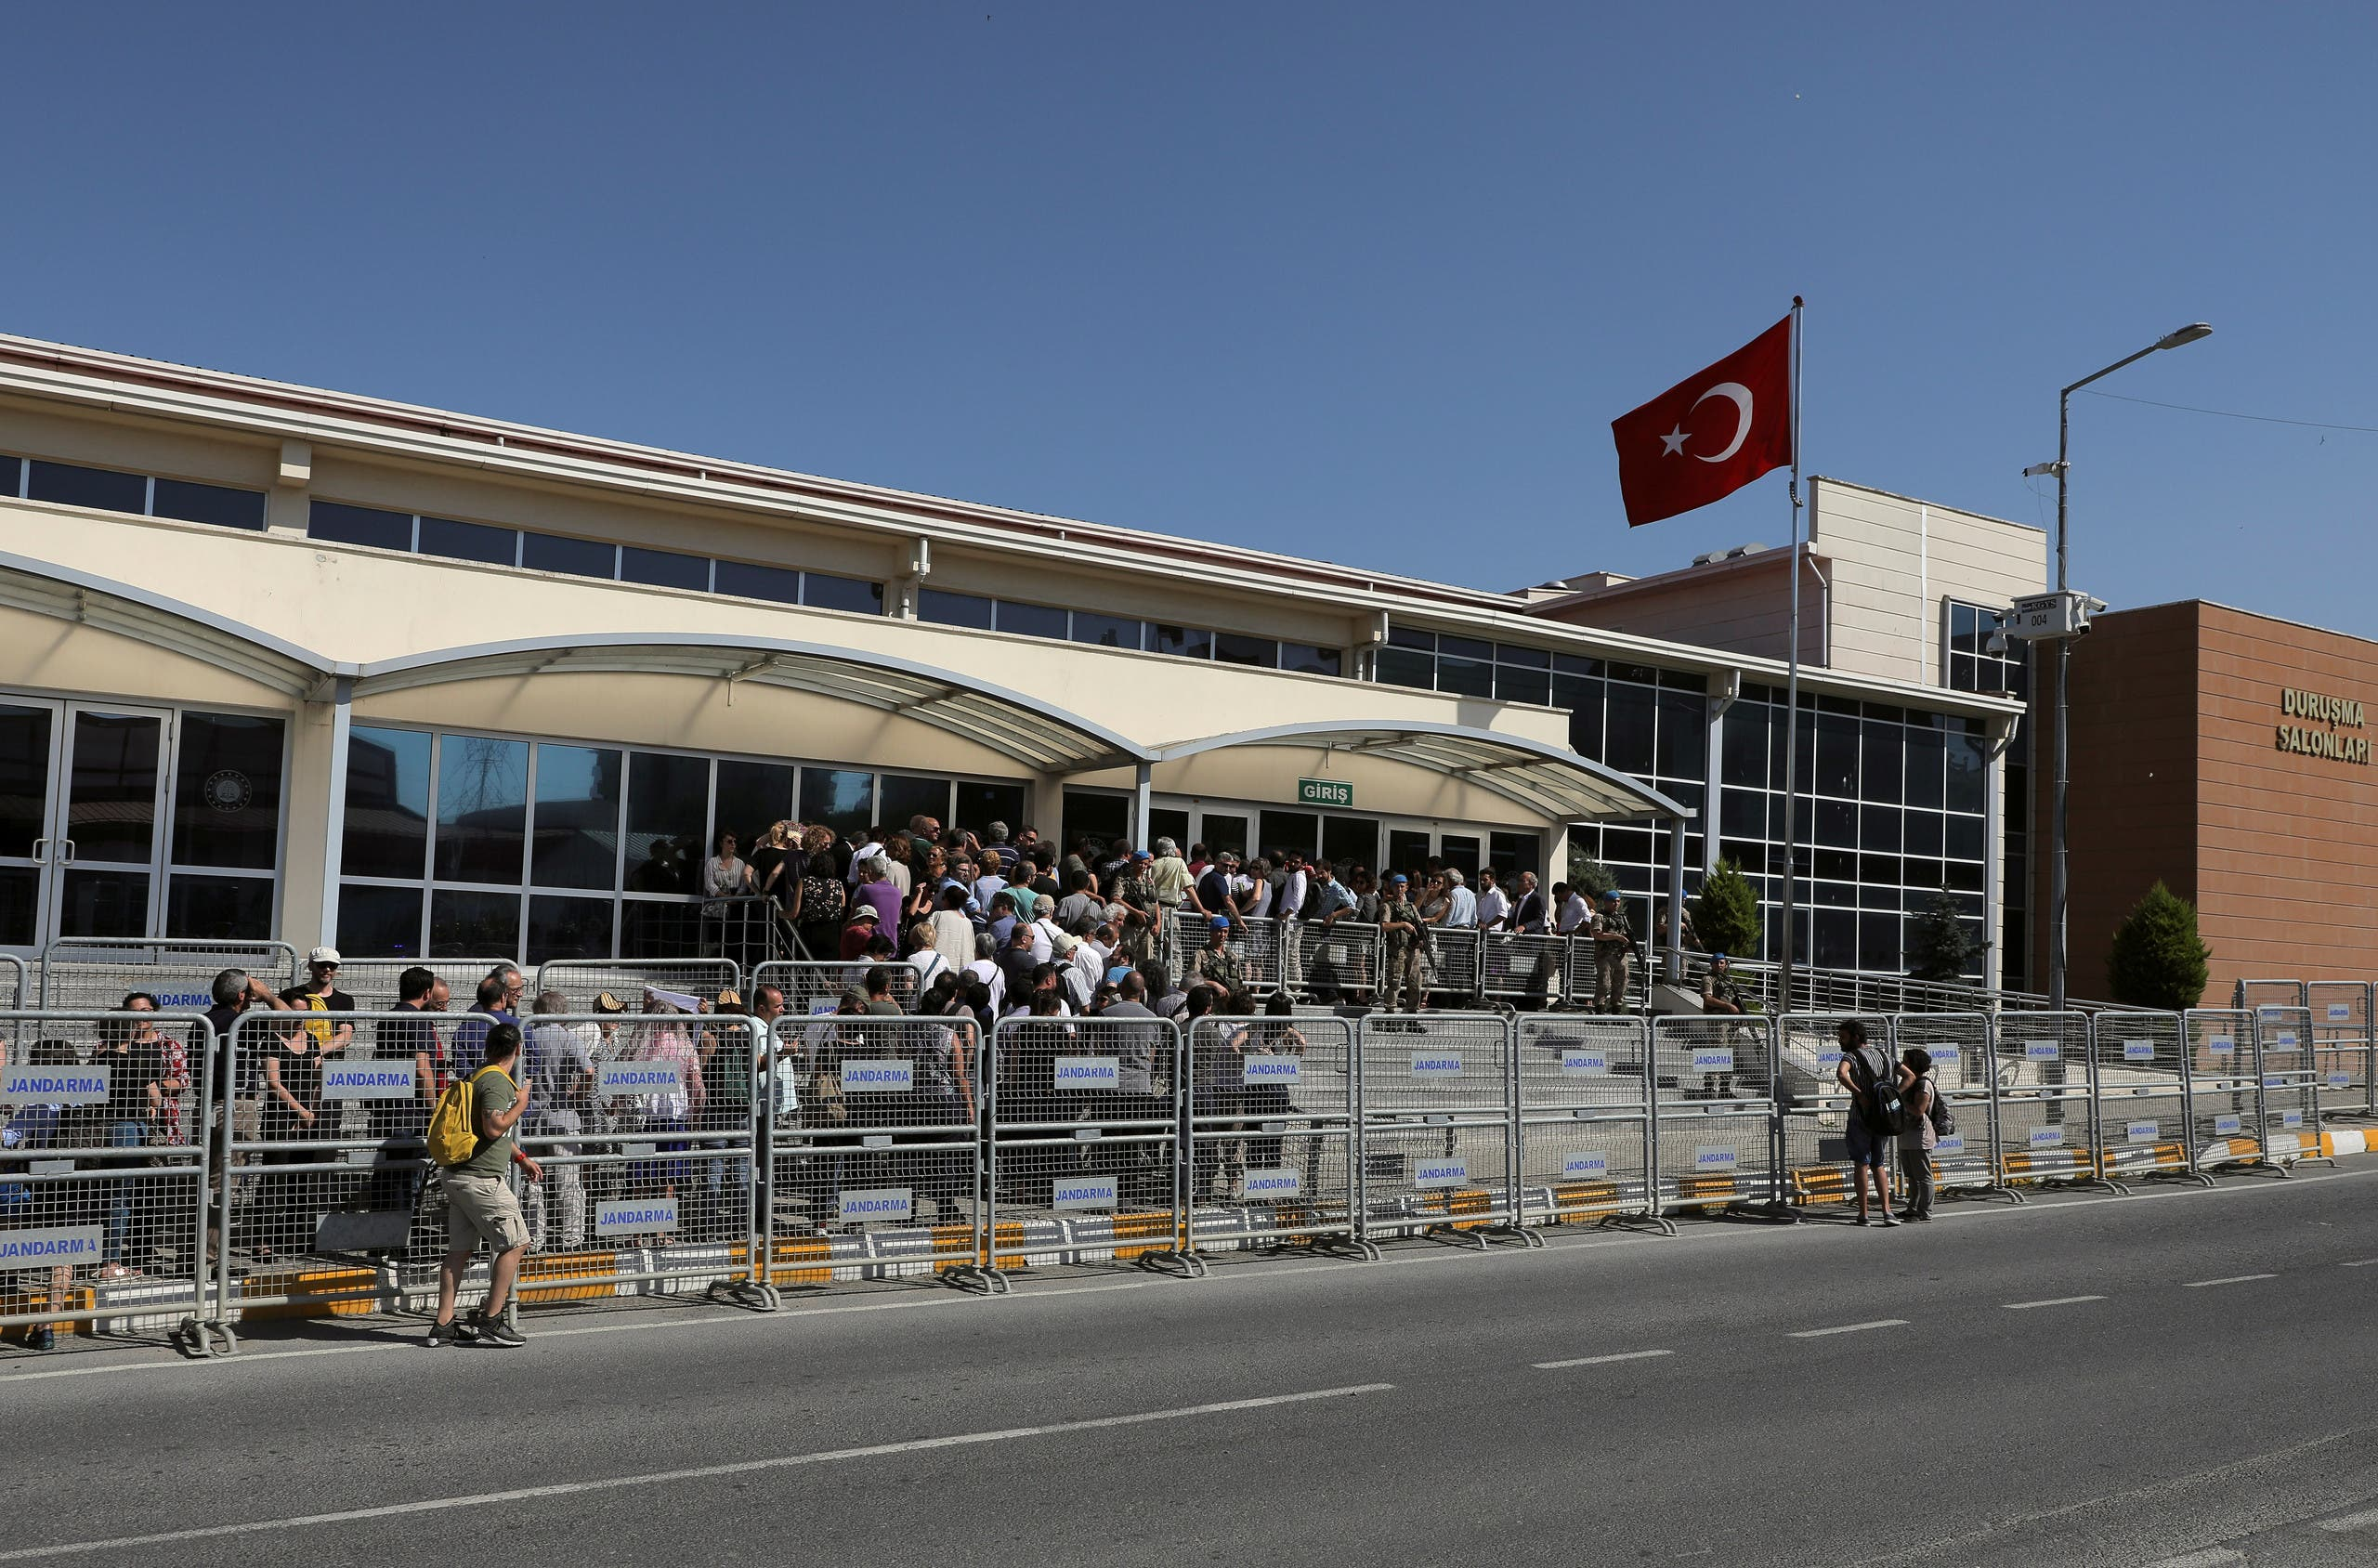 المحكمة والسجن في اسطنبول حيث يقبع كافالا منذ سنوات